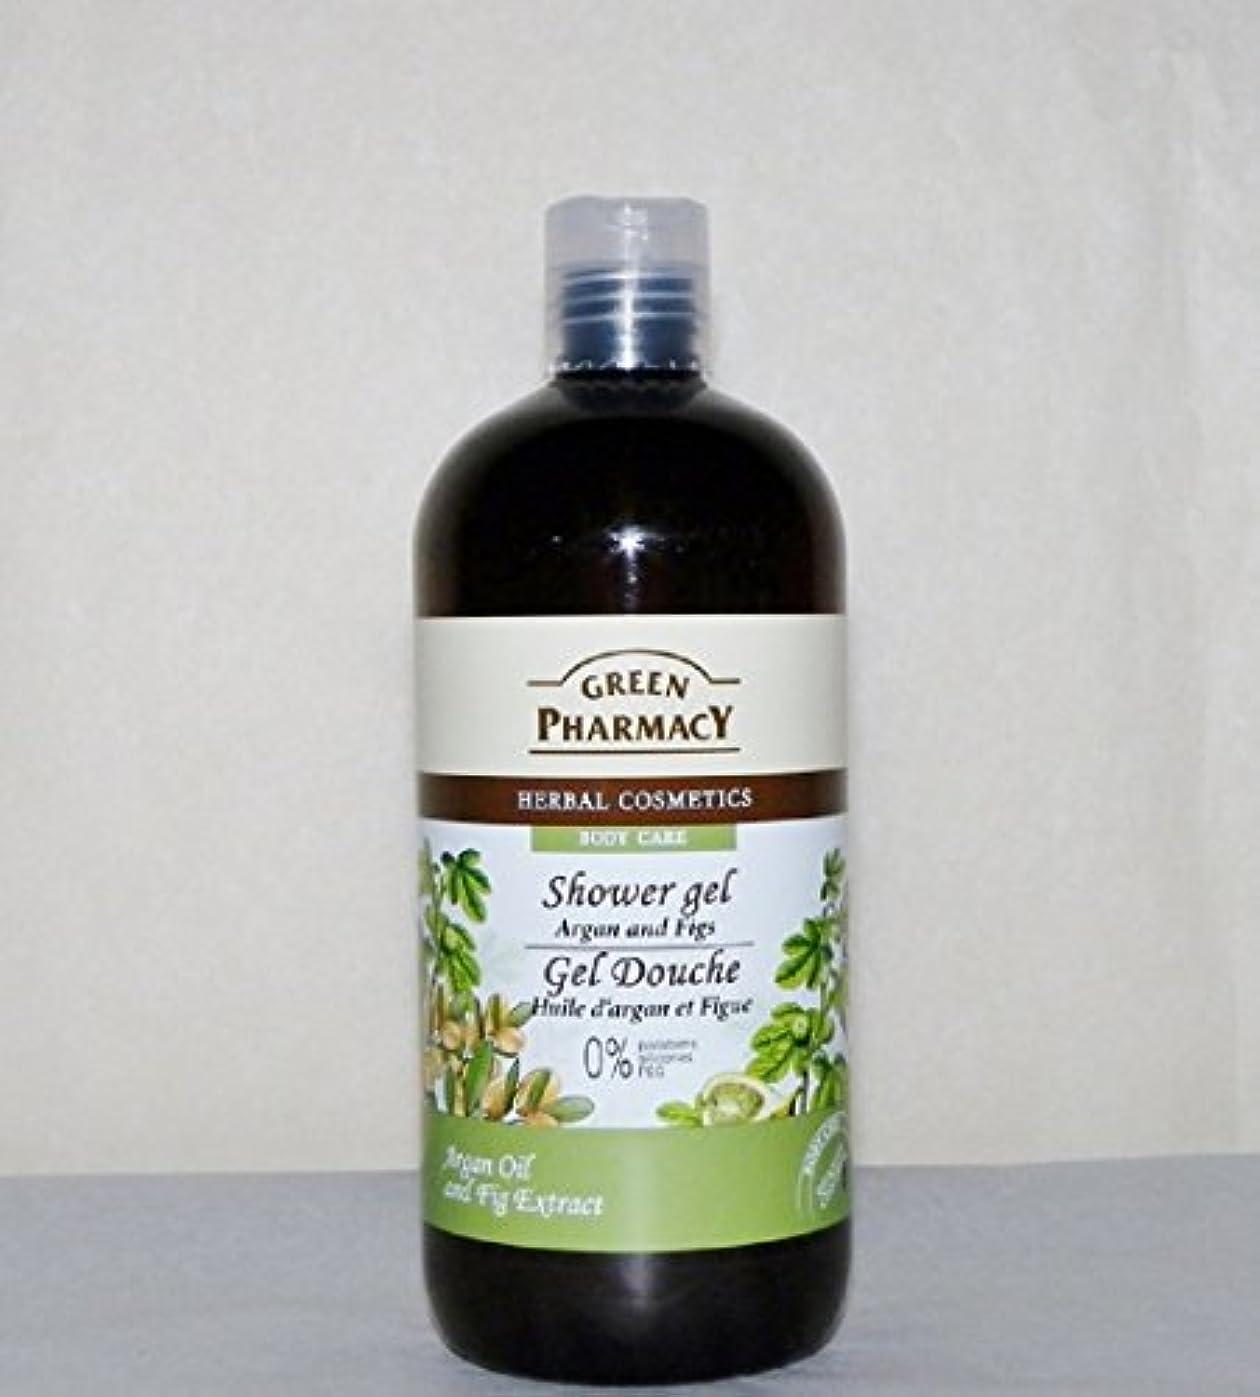 モナリザプロジェクター報酬のElfa Pharm Green Pharmacy グリーンファーマシー Shower Gel シャワージェル Argan Oil&Figs